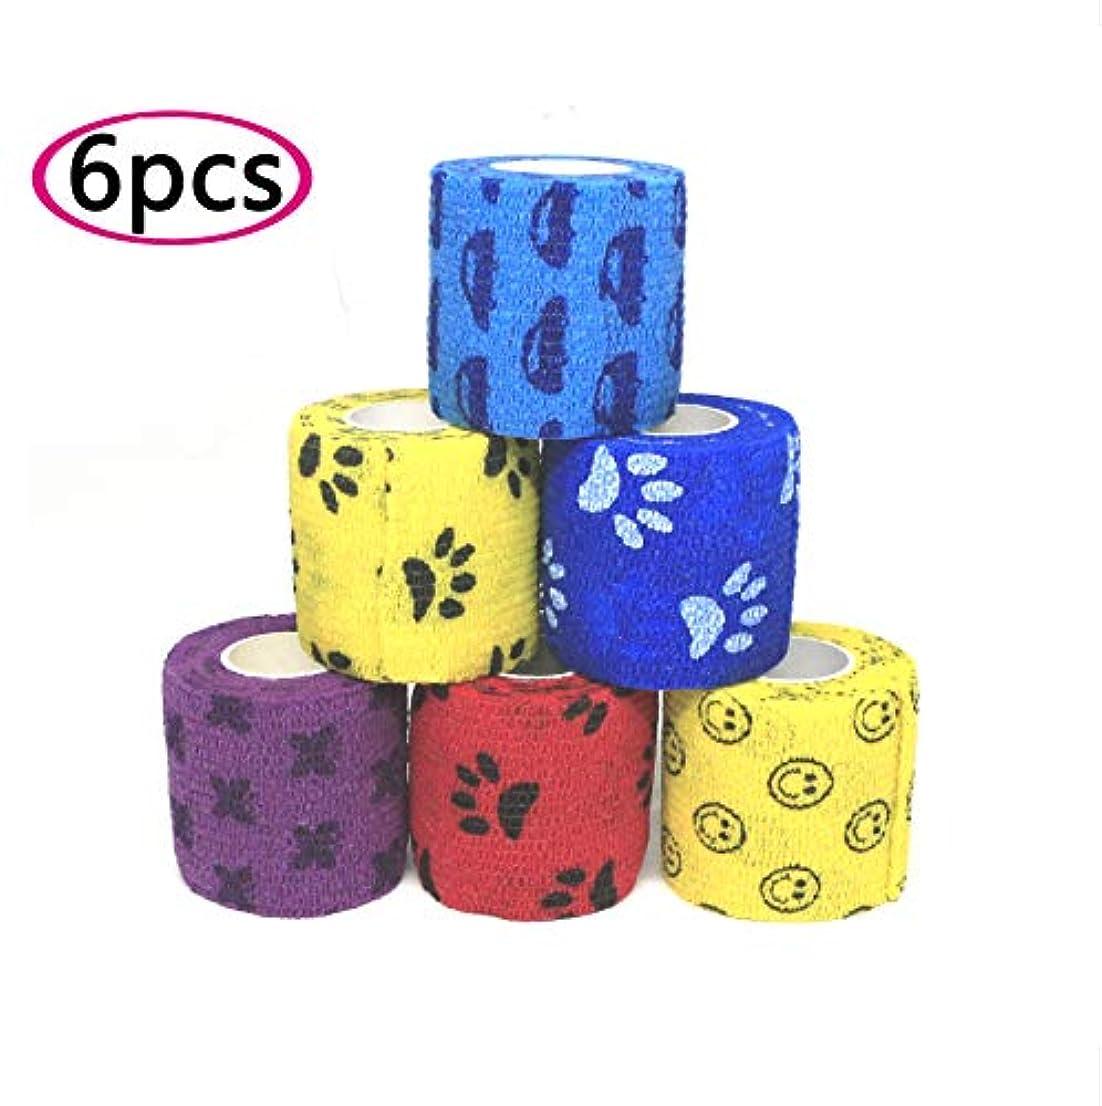 誇張する慰め落胆させるペットフレックス 包帯 サポーター バンテージ 猫 犬 怪我 傷 保護 多機能 粘着包帯 自着性伸縮包帯 弾力包帯6セット